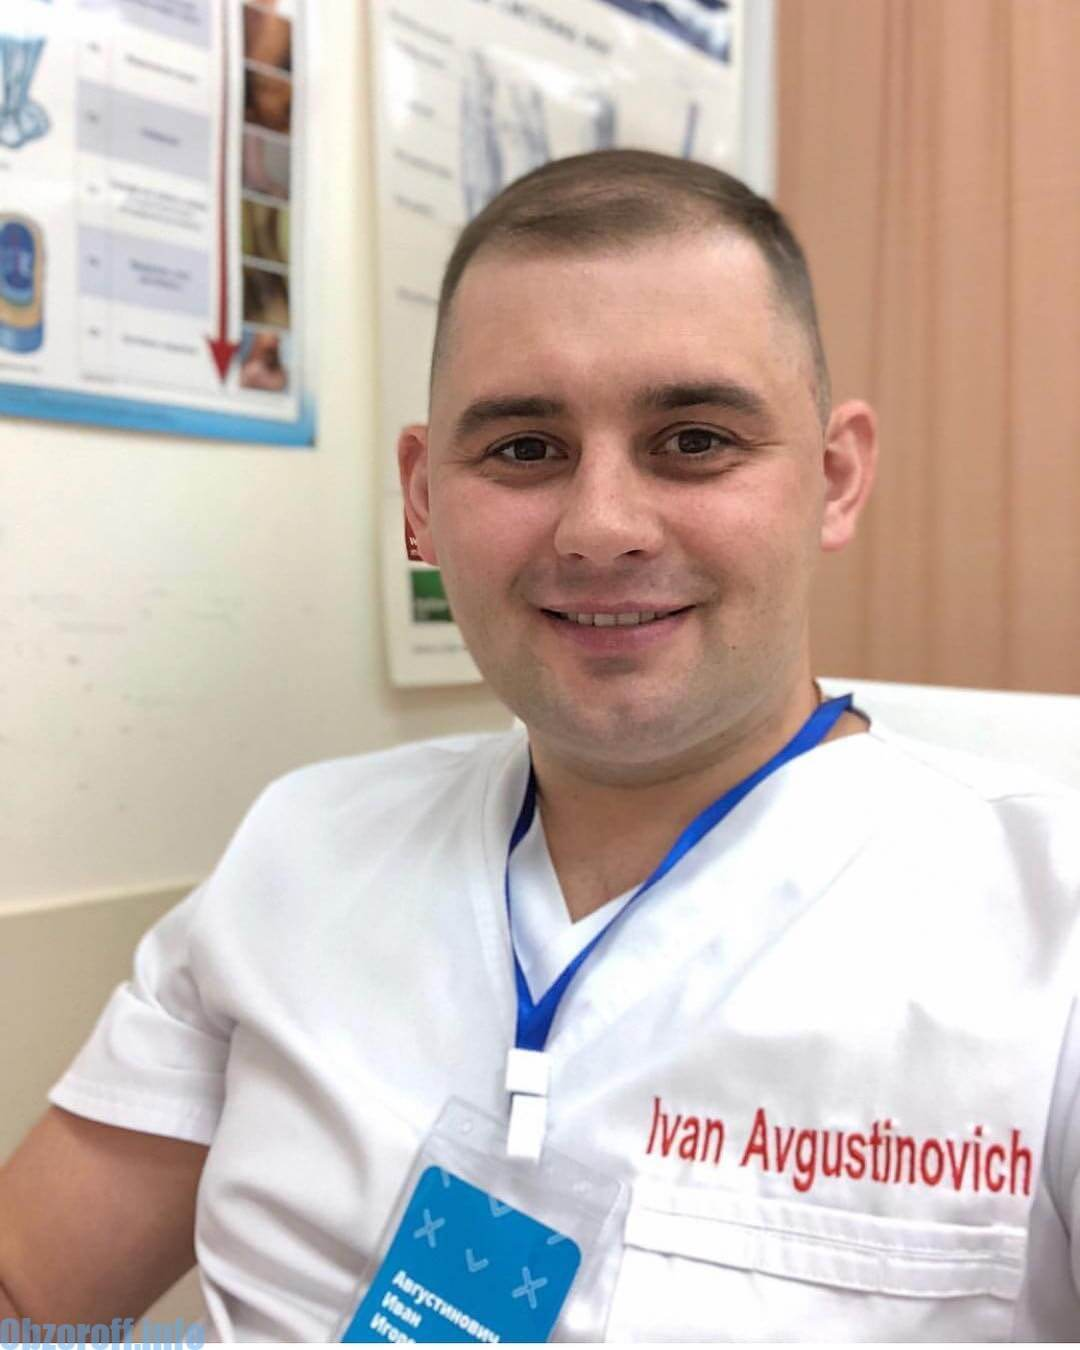 عالم الوراثة أفغوستينوفيتش إيفان إيغوريفيتش